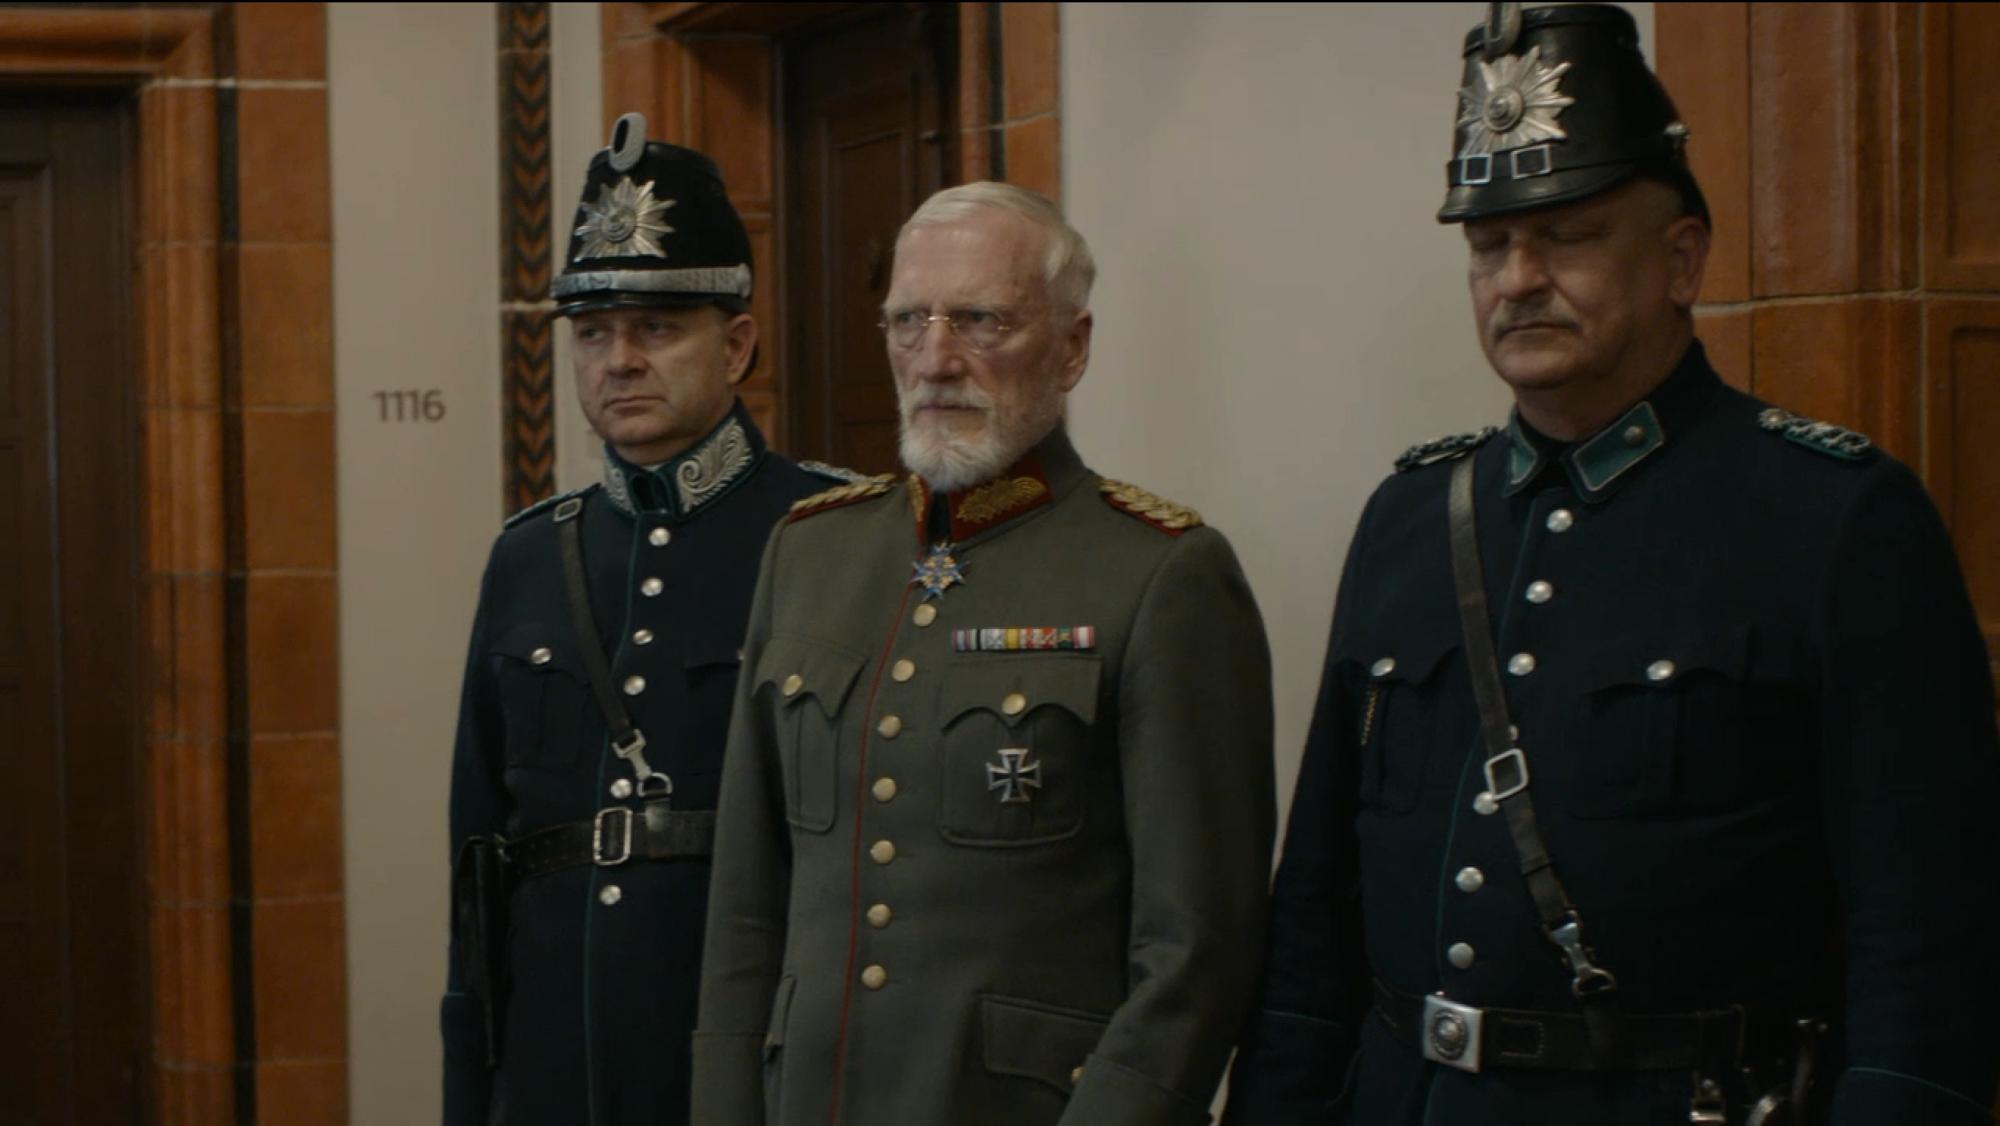 2019-08-18 Babylon Berln Folge 14 104 Der Generalmajor und die Polizei